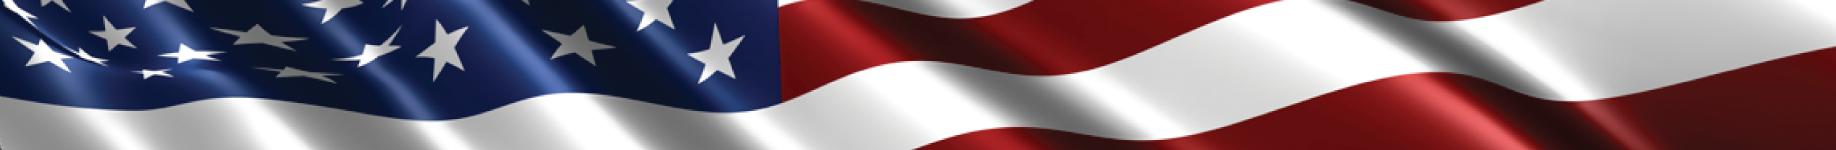 America We Serve